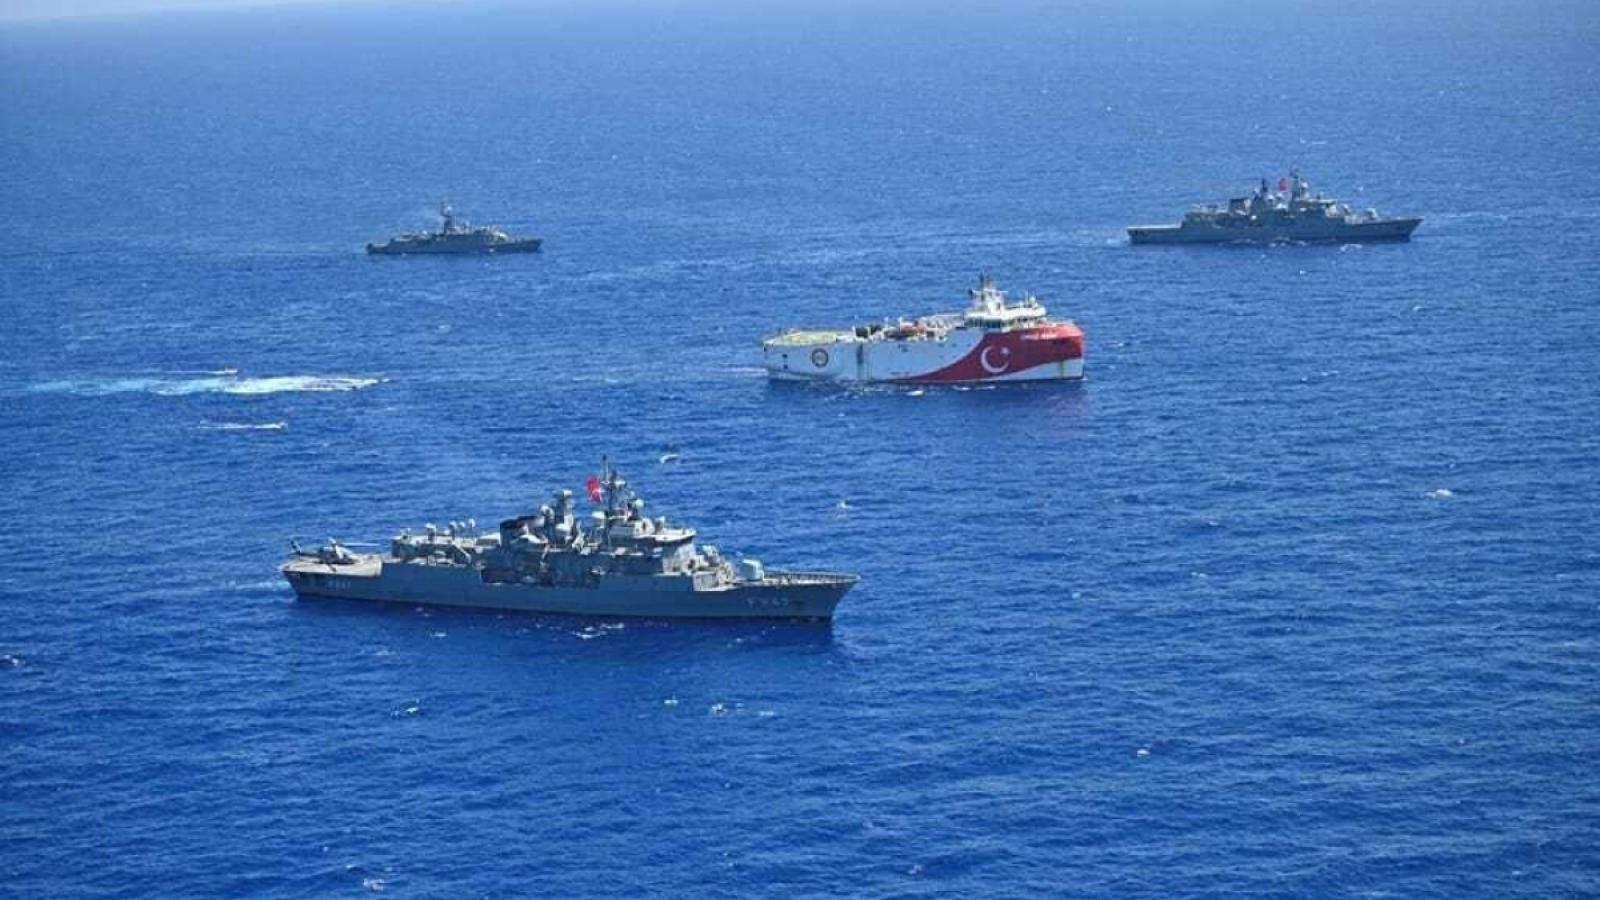 Hy Lạp phản đối cuộc khảo sát của Thổ Nhĩ Kỳ ở Đông Địa Trung Hải